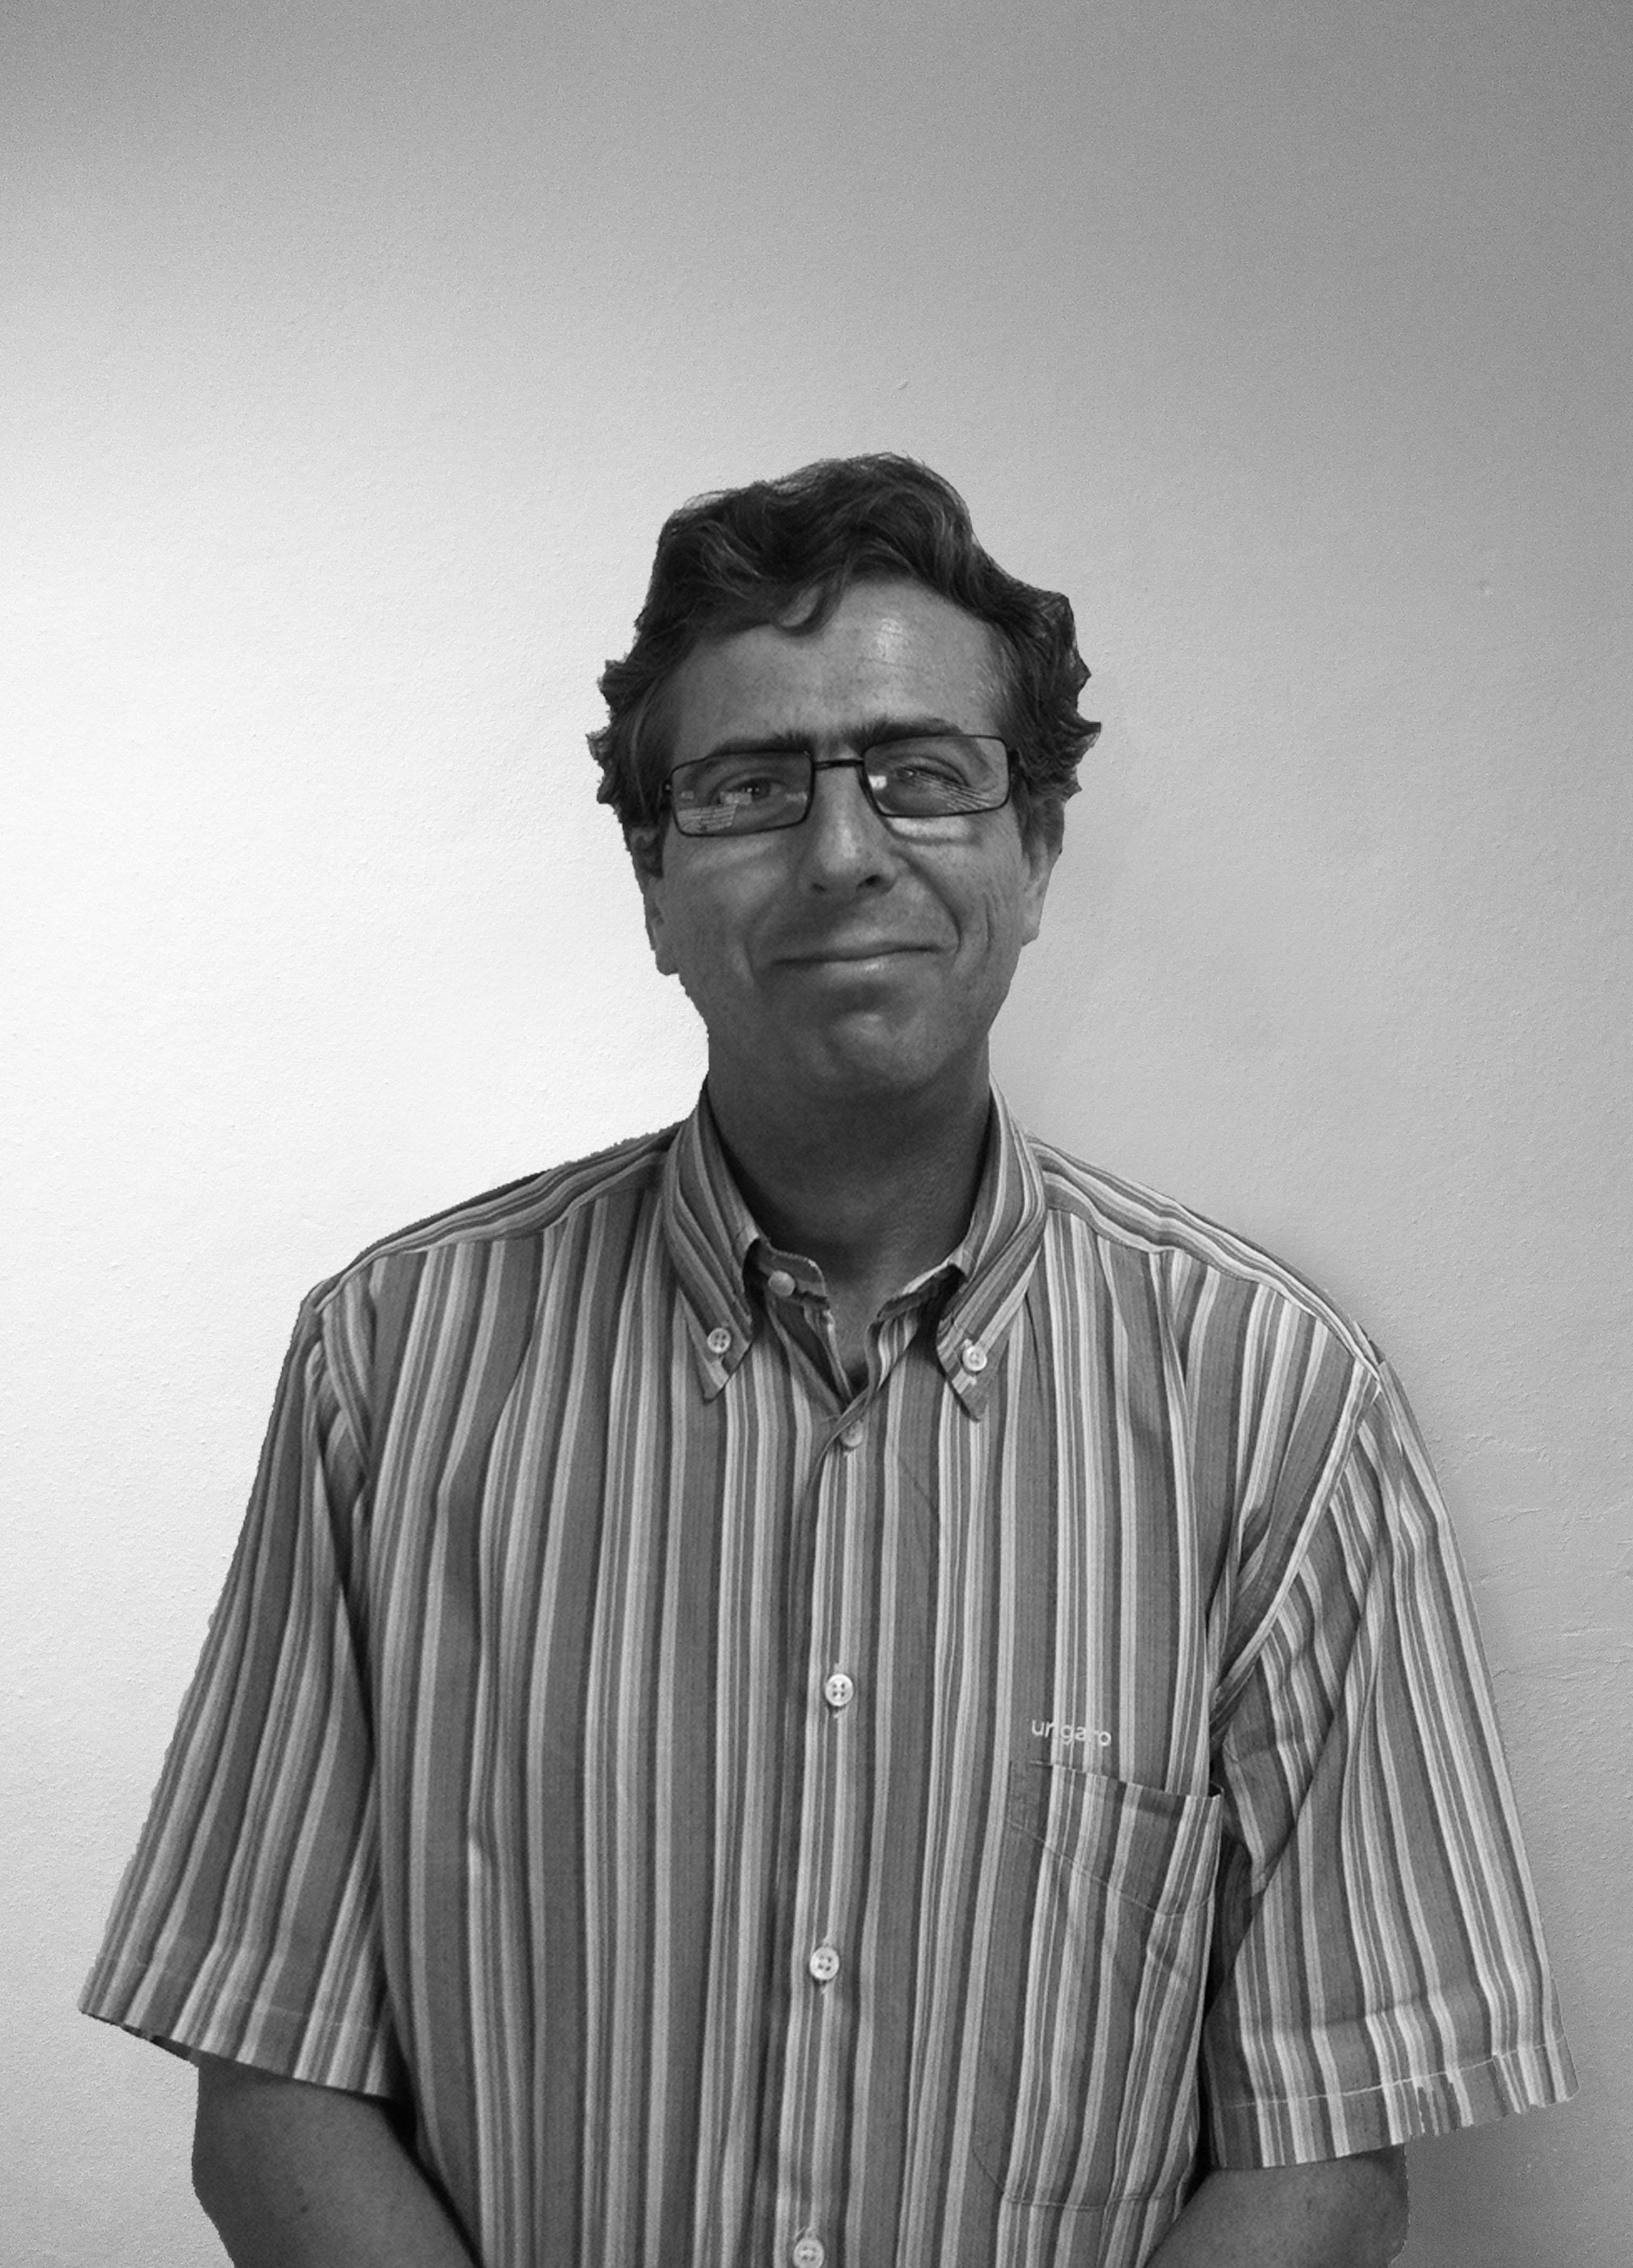 Savia proyectos foto blanco y negro Javier Alemany